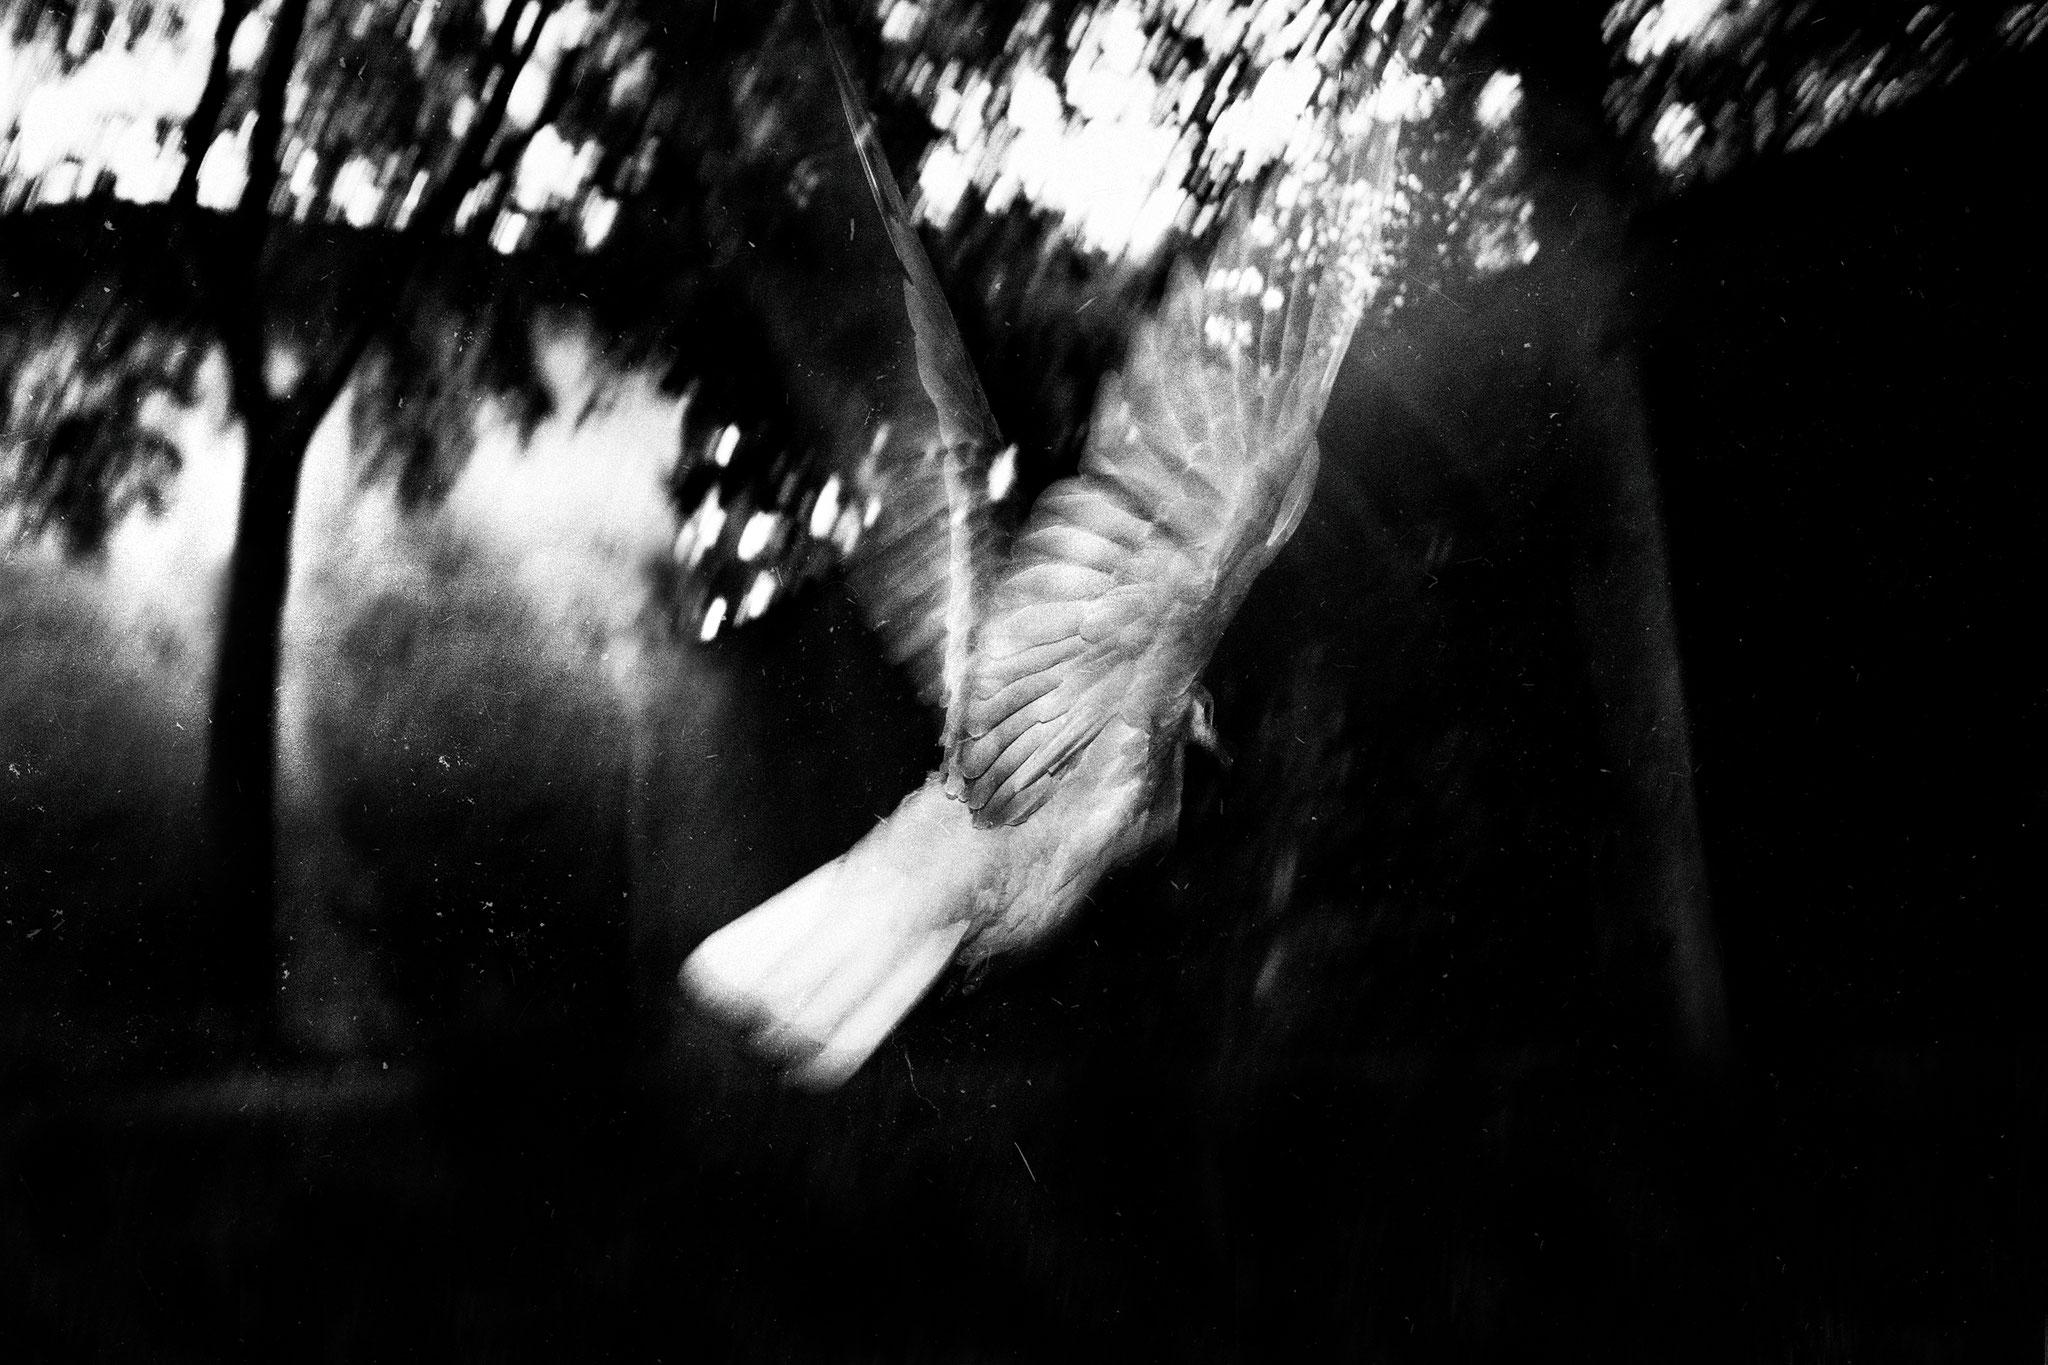 """Série """"Périphérique - 30 x 45 cm - Toulouse, avril 2018 - Photographie de David Siodos"""